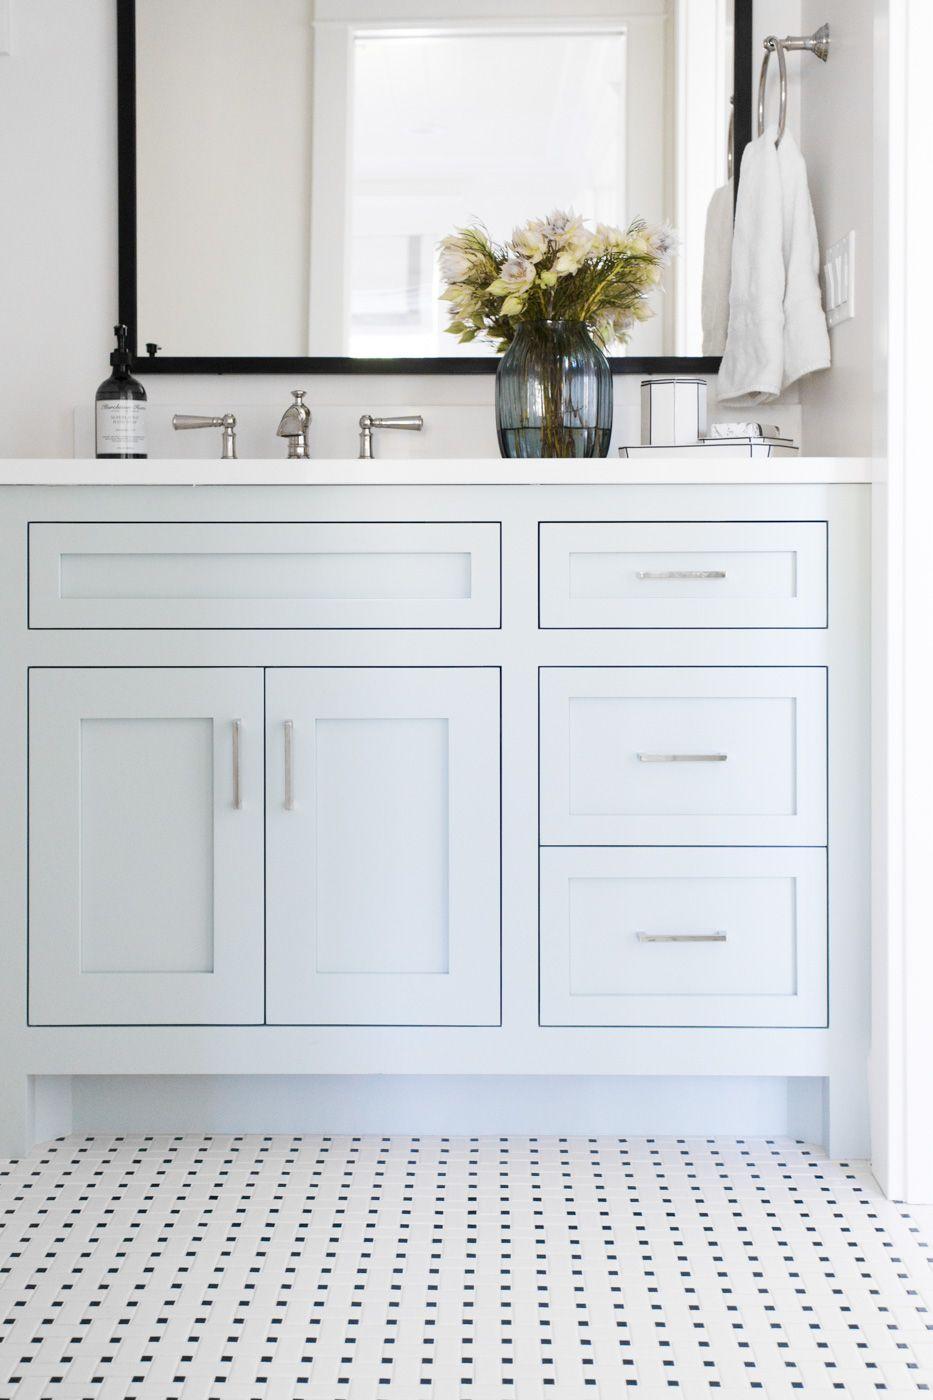 Girls Bathroom Design Black And White Tiles Bathroom Girls Bathroom